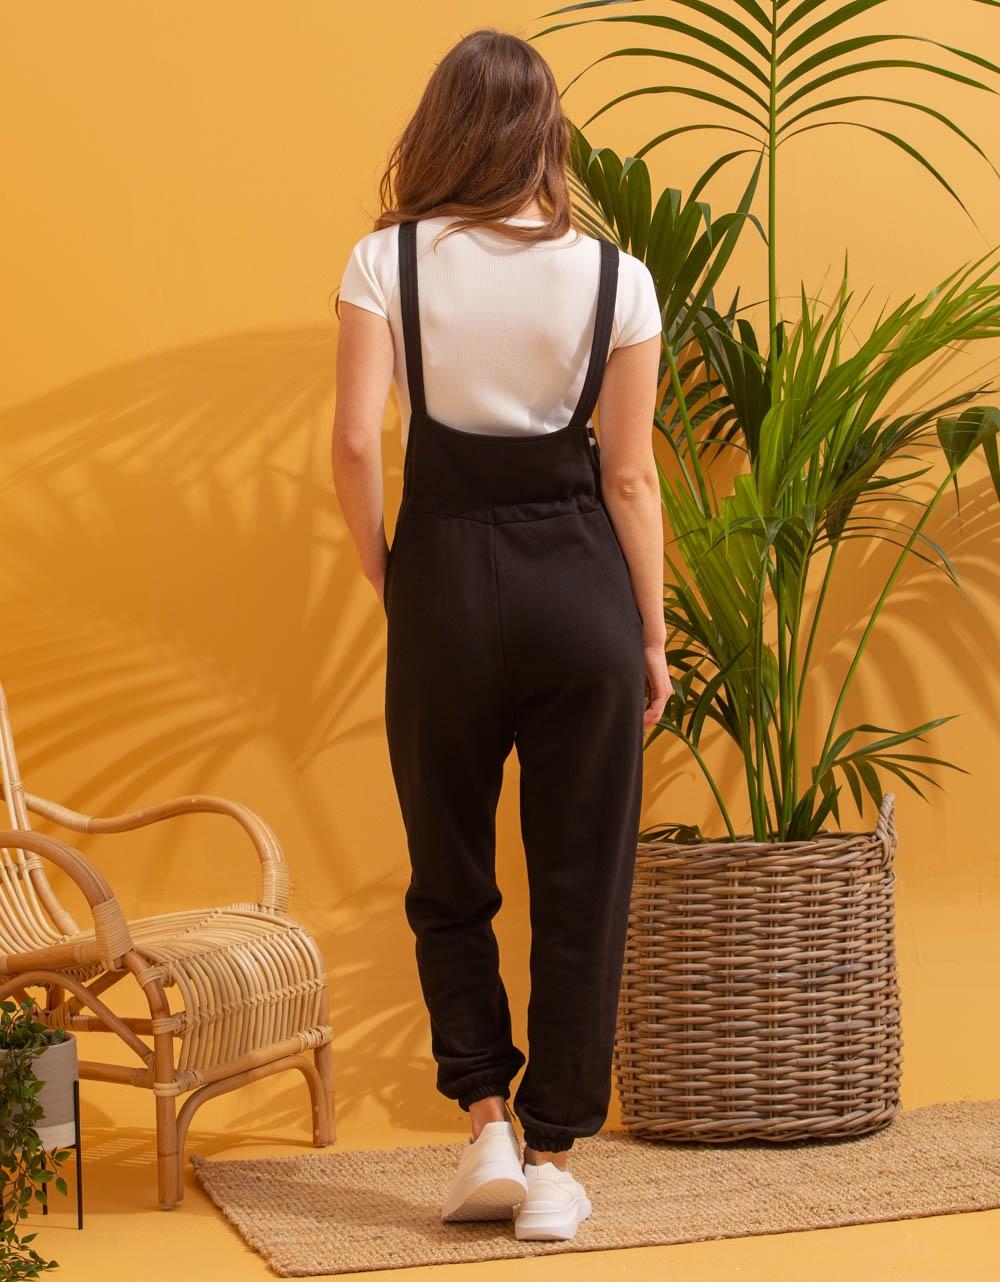 Εικόνα από Γυναικεία ολόσωμη φόρμα αμάνικη Μαύρο